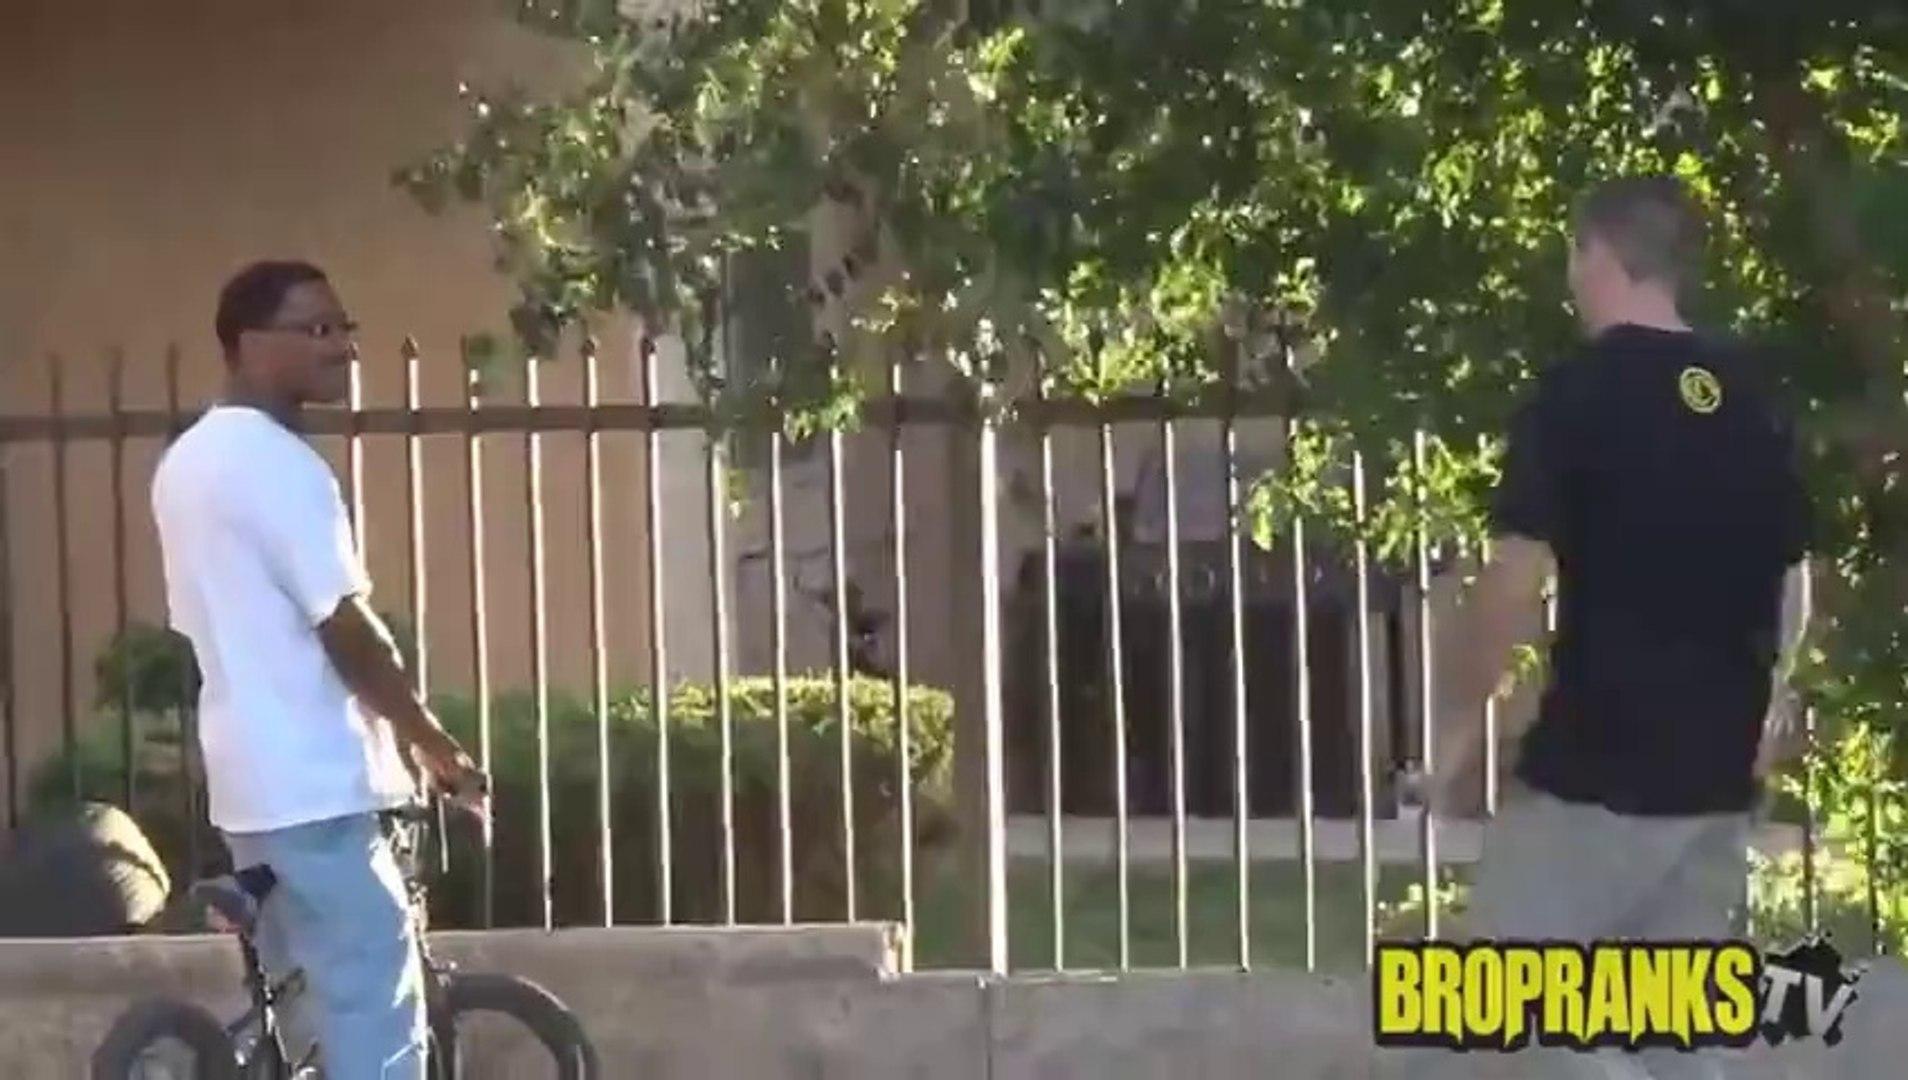 Black Jokes Prank in the Hood (PRANKS GONE WRONG) - Funny Pranks 2014 - Pranks in the Ghetto - Prank